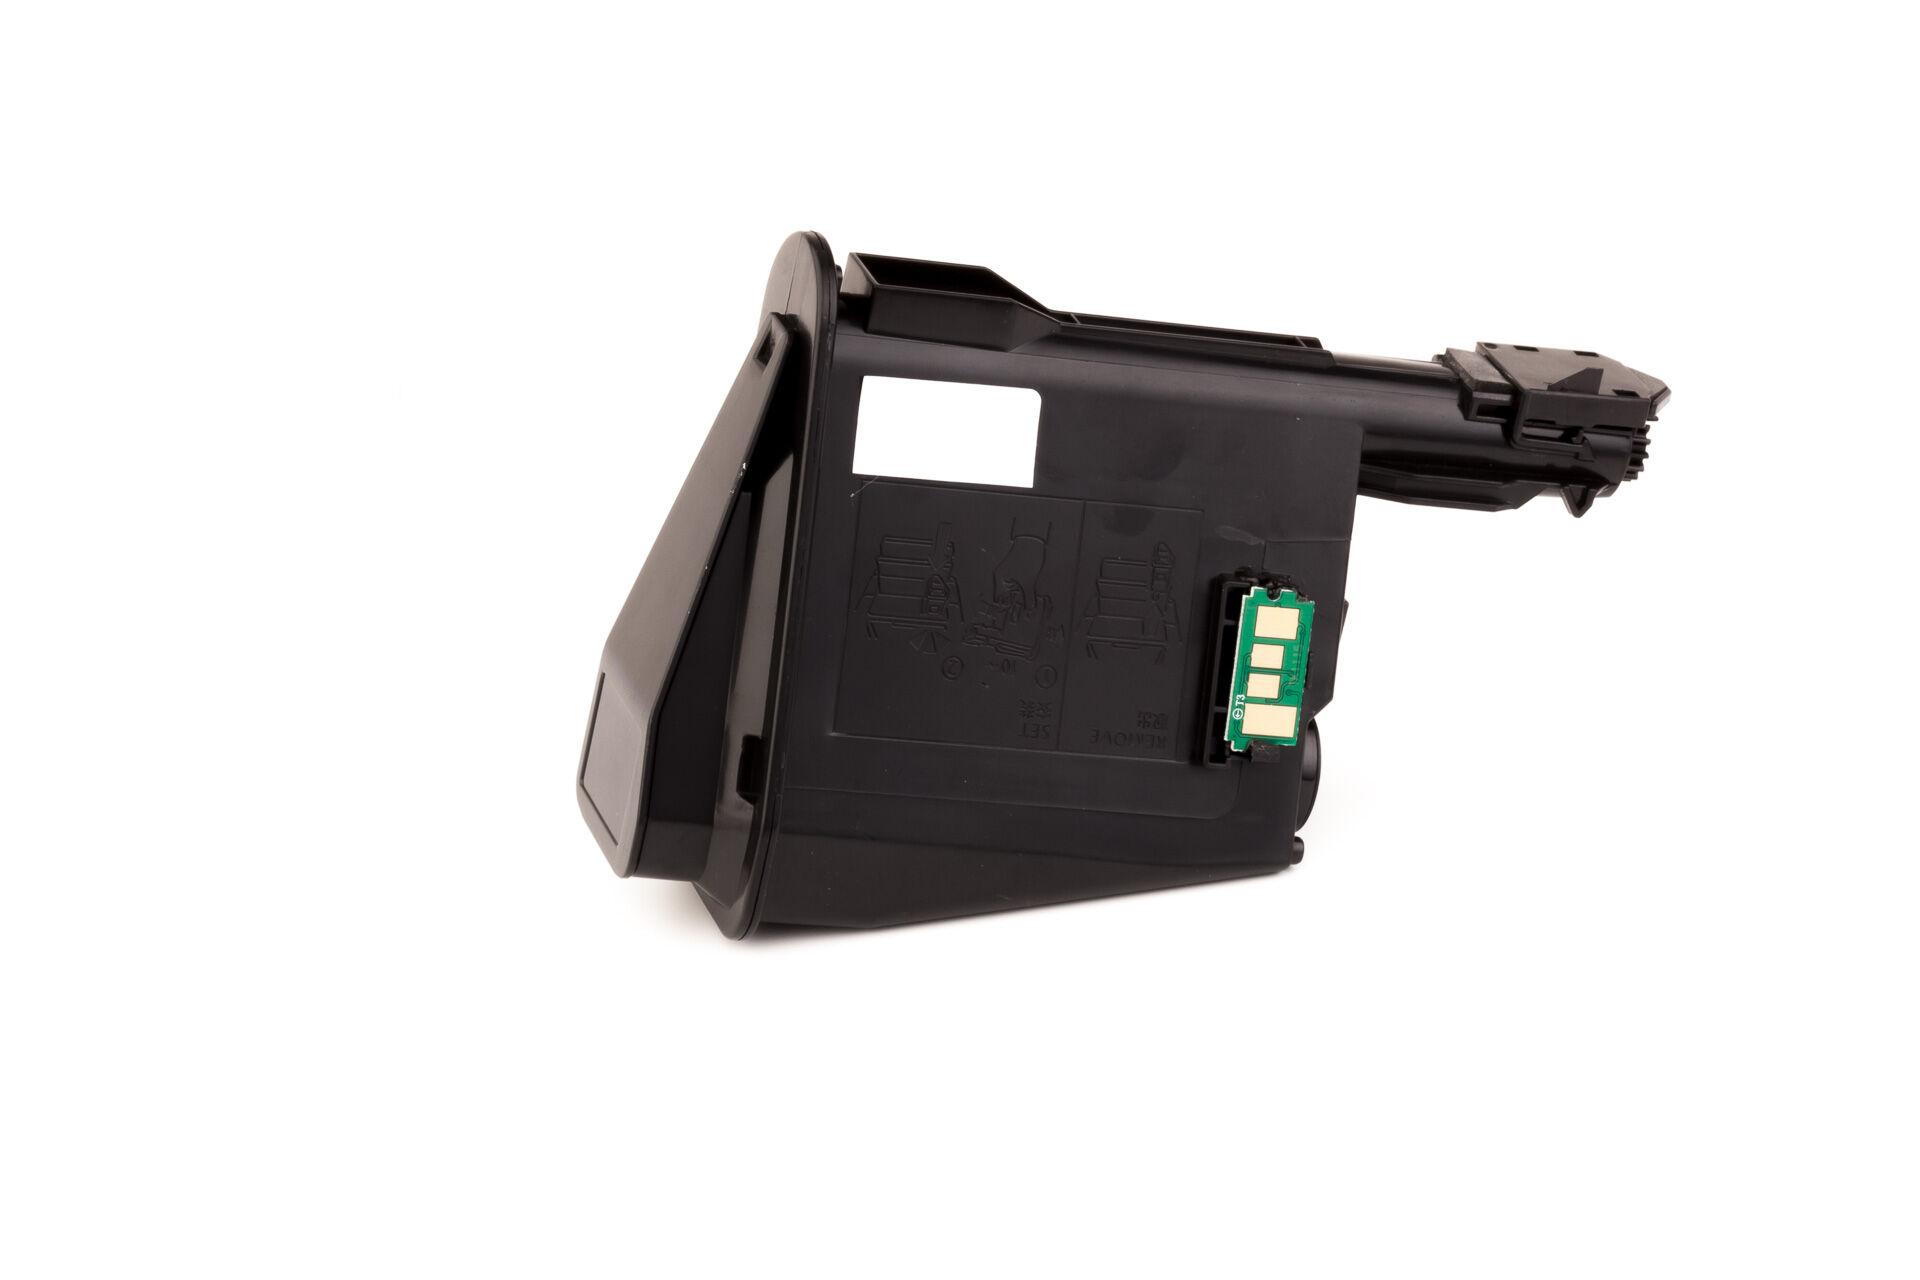 Kyocera Cartouche de Toner pour Kyocera 1T02M50NL0 / TK-1115 noir compatible (de marque ASC)